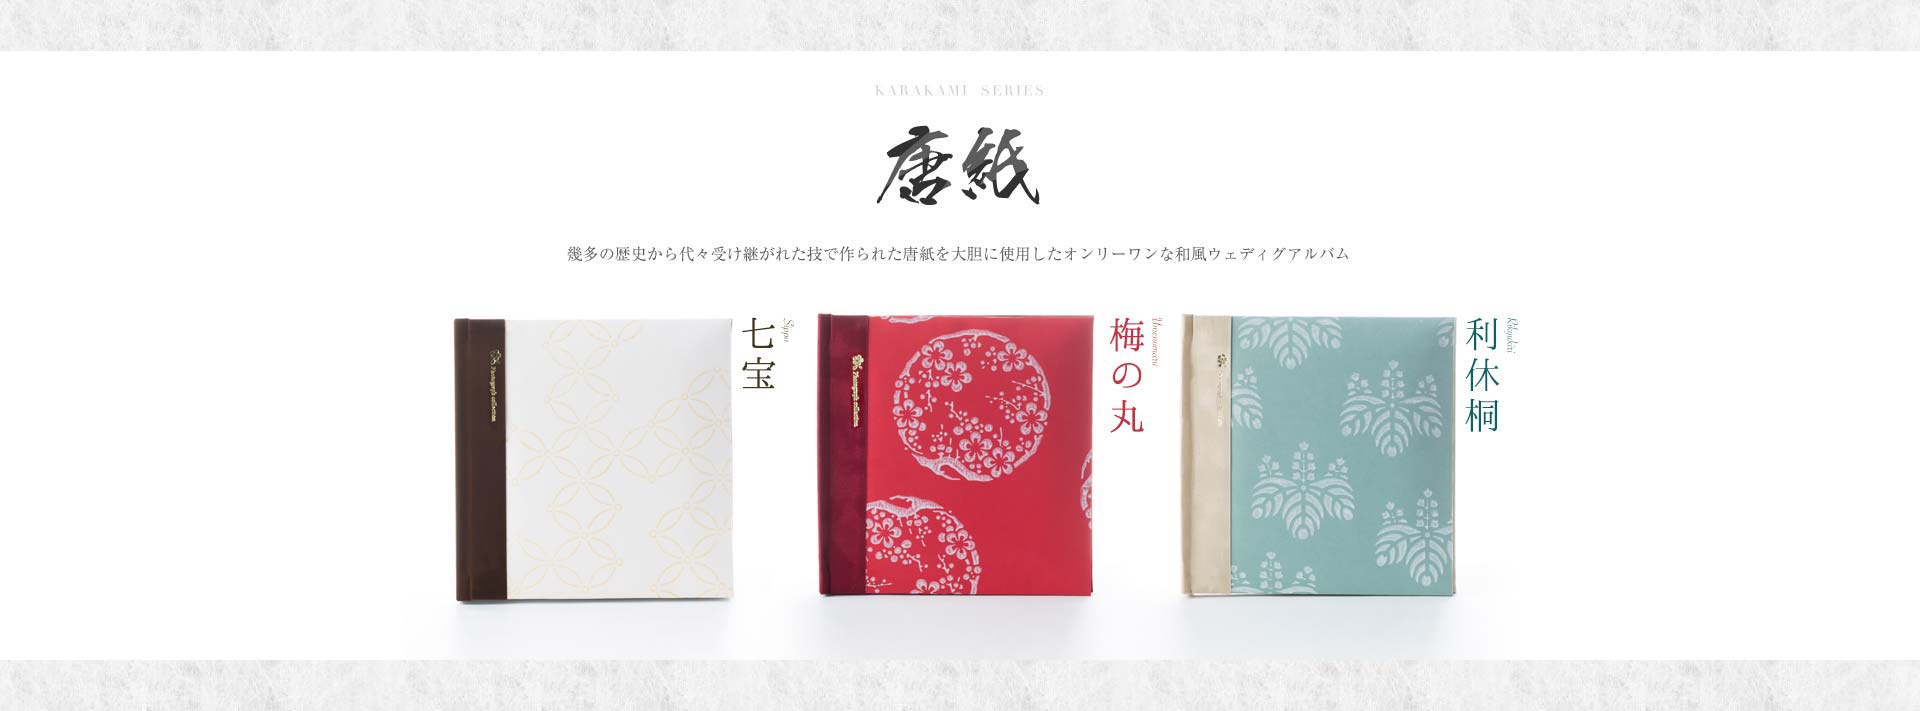 唐紙 幾多の歴史から代々受け継がれた技で作られた唐紙を大胆に使用したオンリーワンな和風ウェディングアルバム